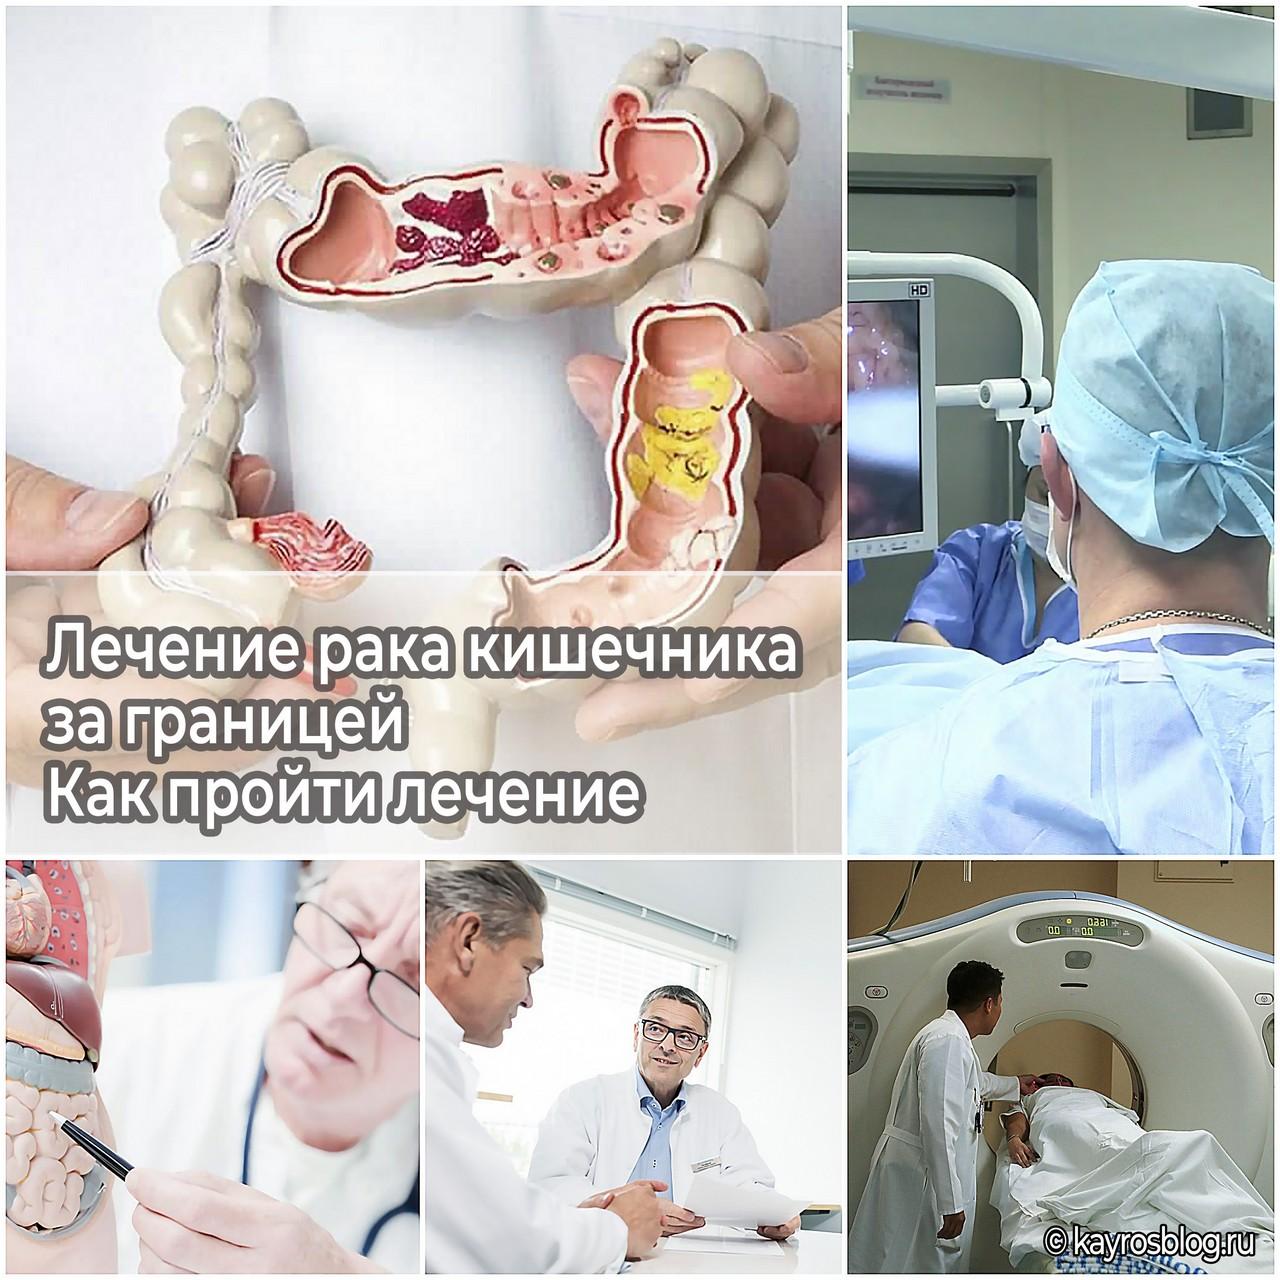 Лечение рака кишечника за границей - как пройти лечение